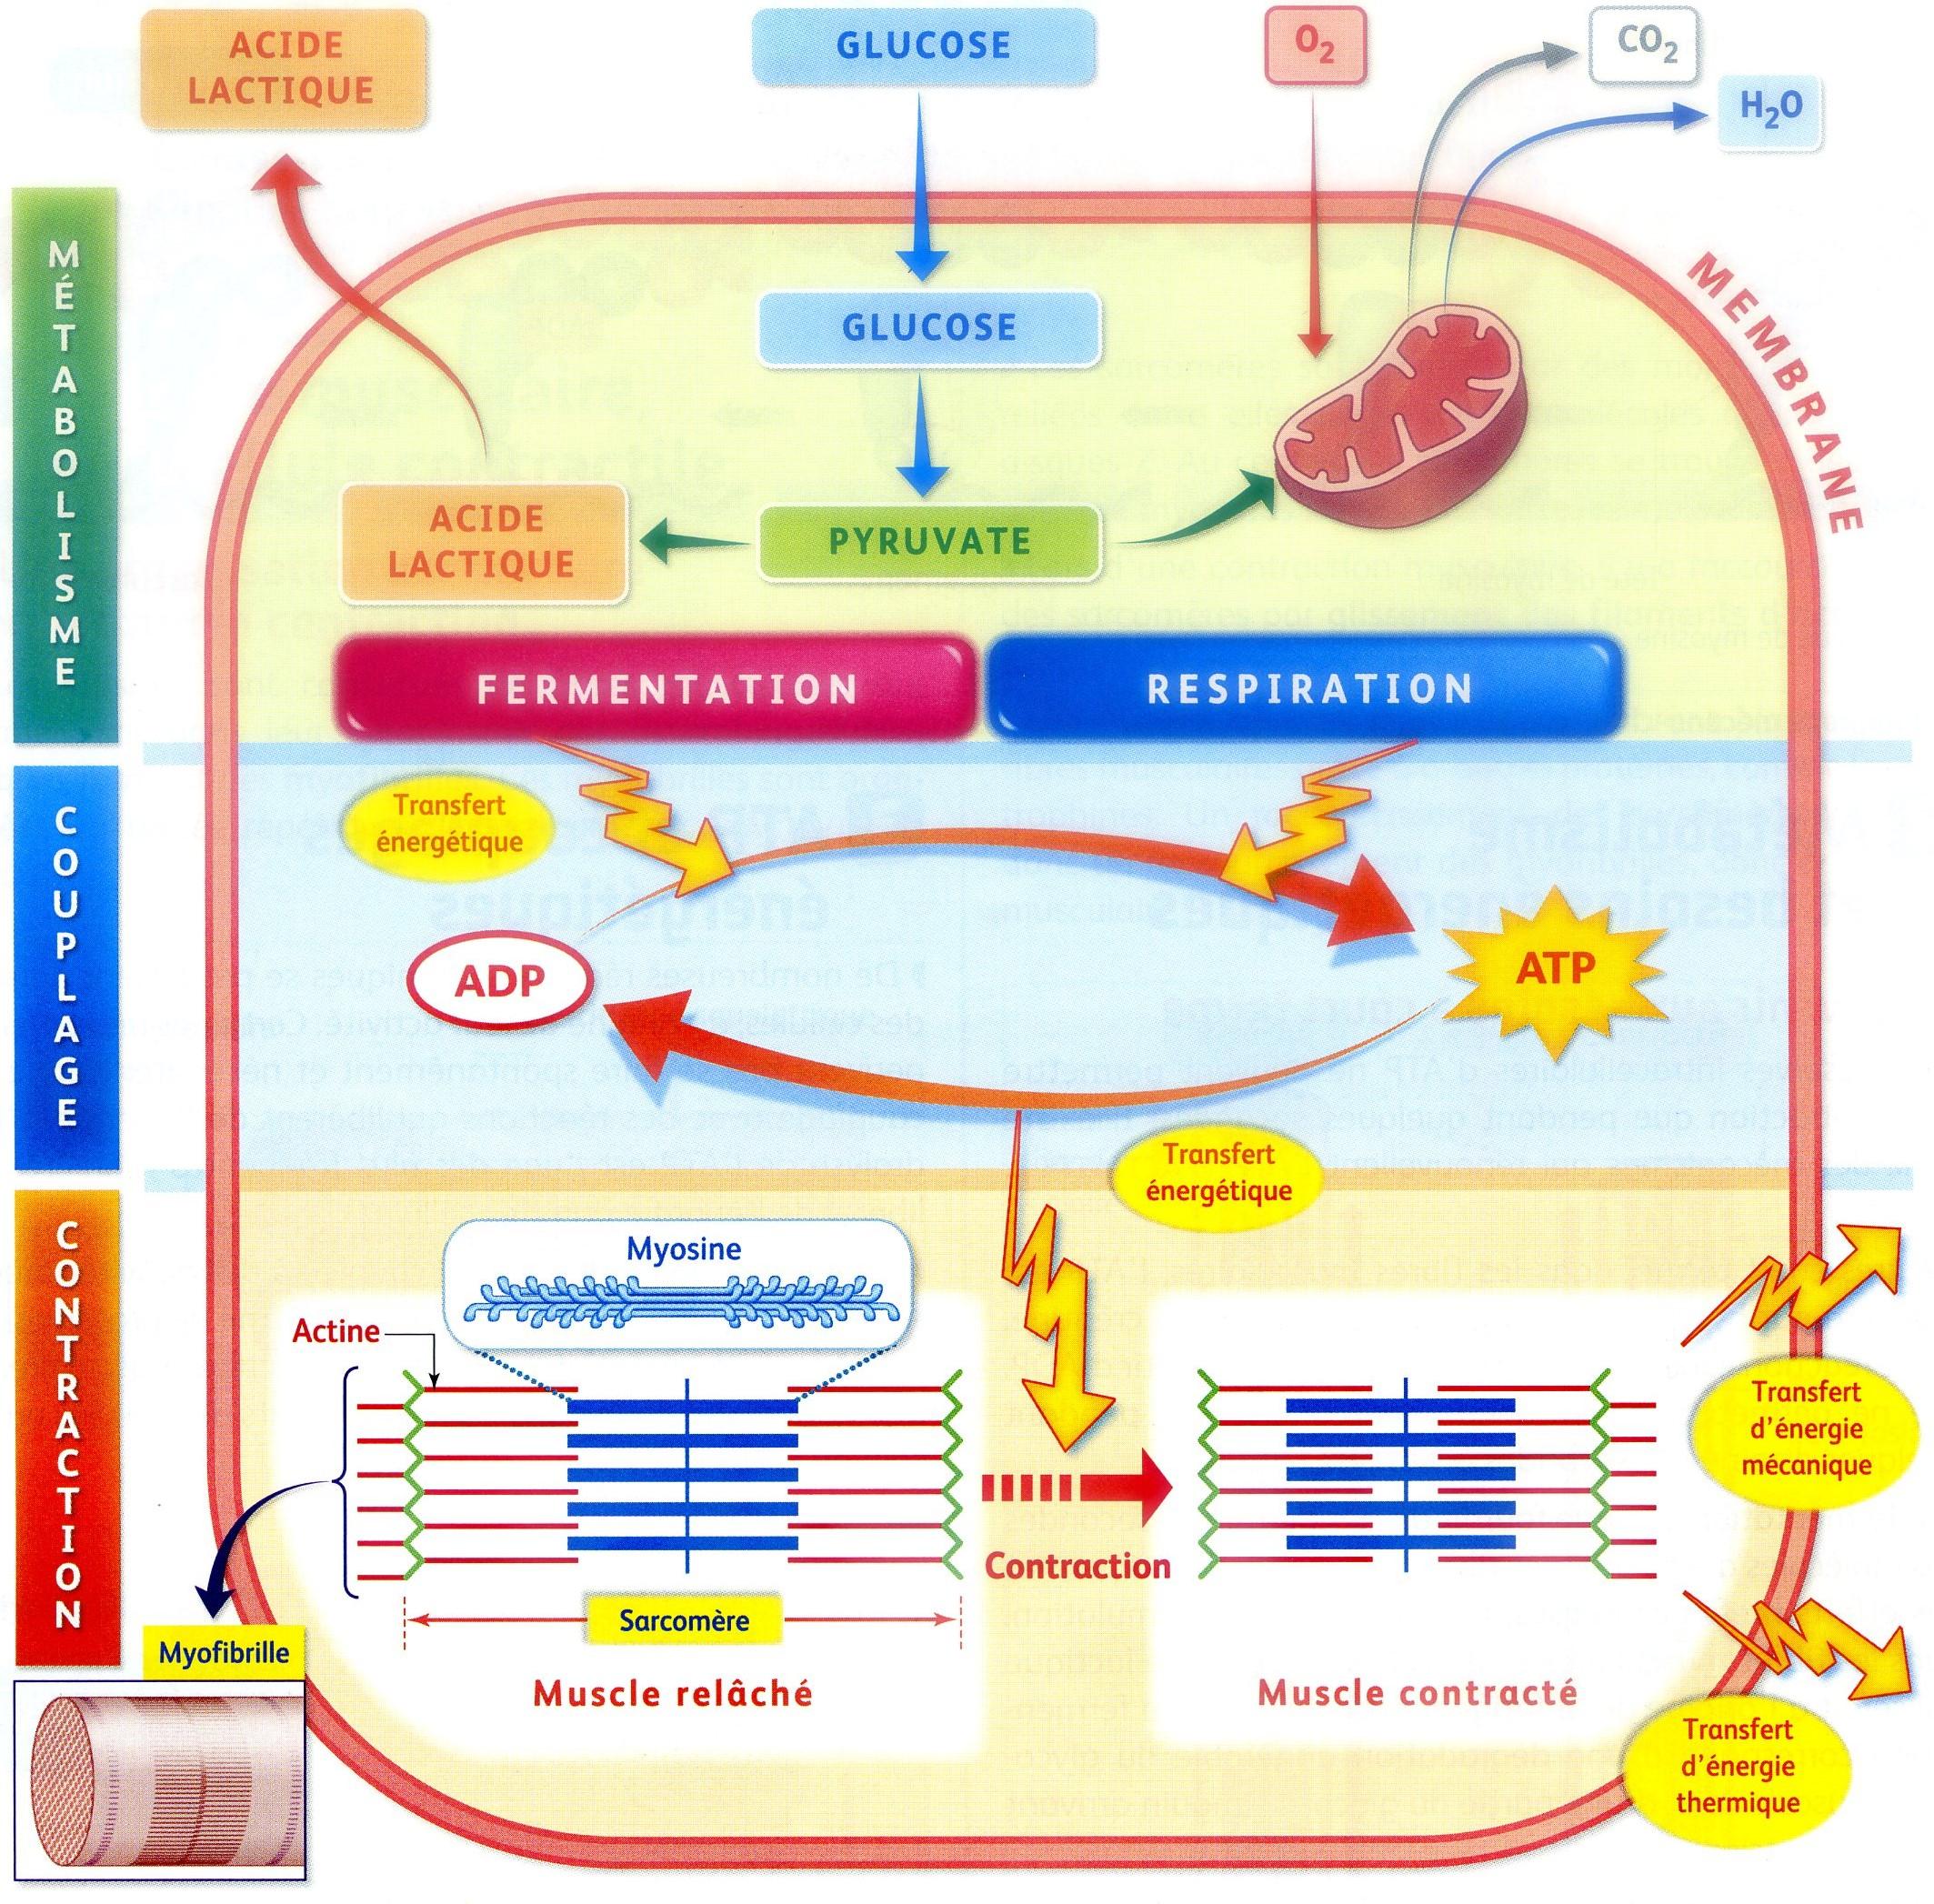 Bilan ATP activité musculaire